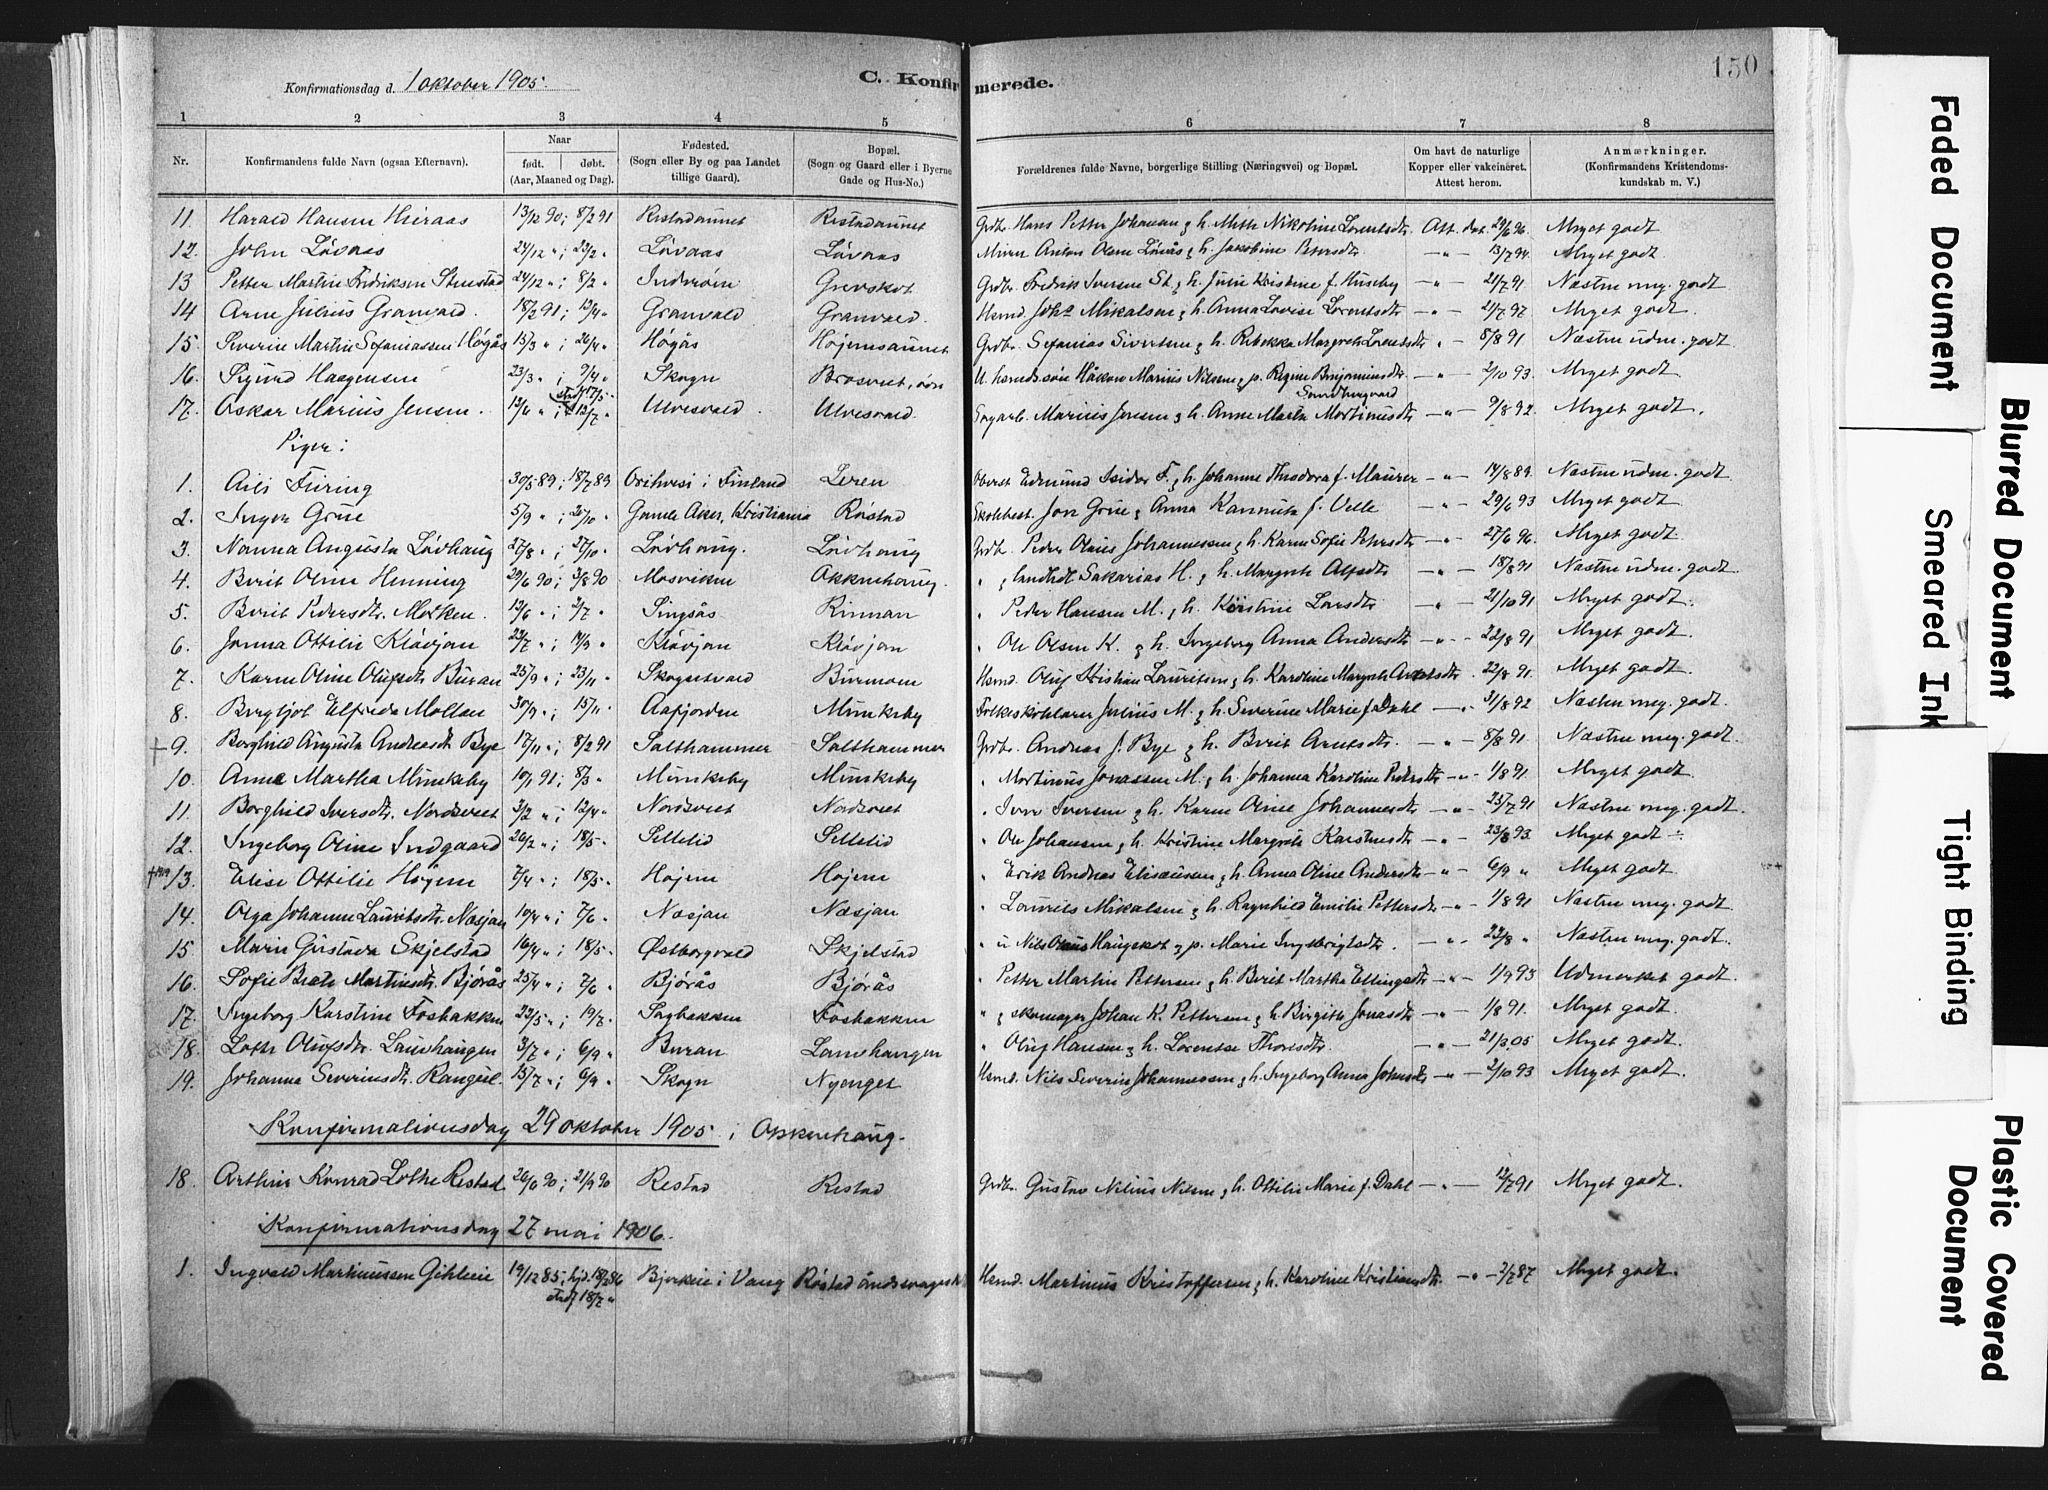 SAT, Ministerialprotokoller, klokkerbøker og fødselsregistre - Nord-Trøndelag, 721/L0207: Ministerialbok nr. 721A02, 1880-1911, s. 150